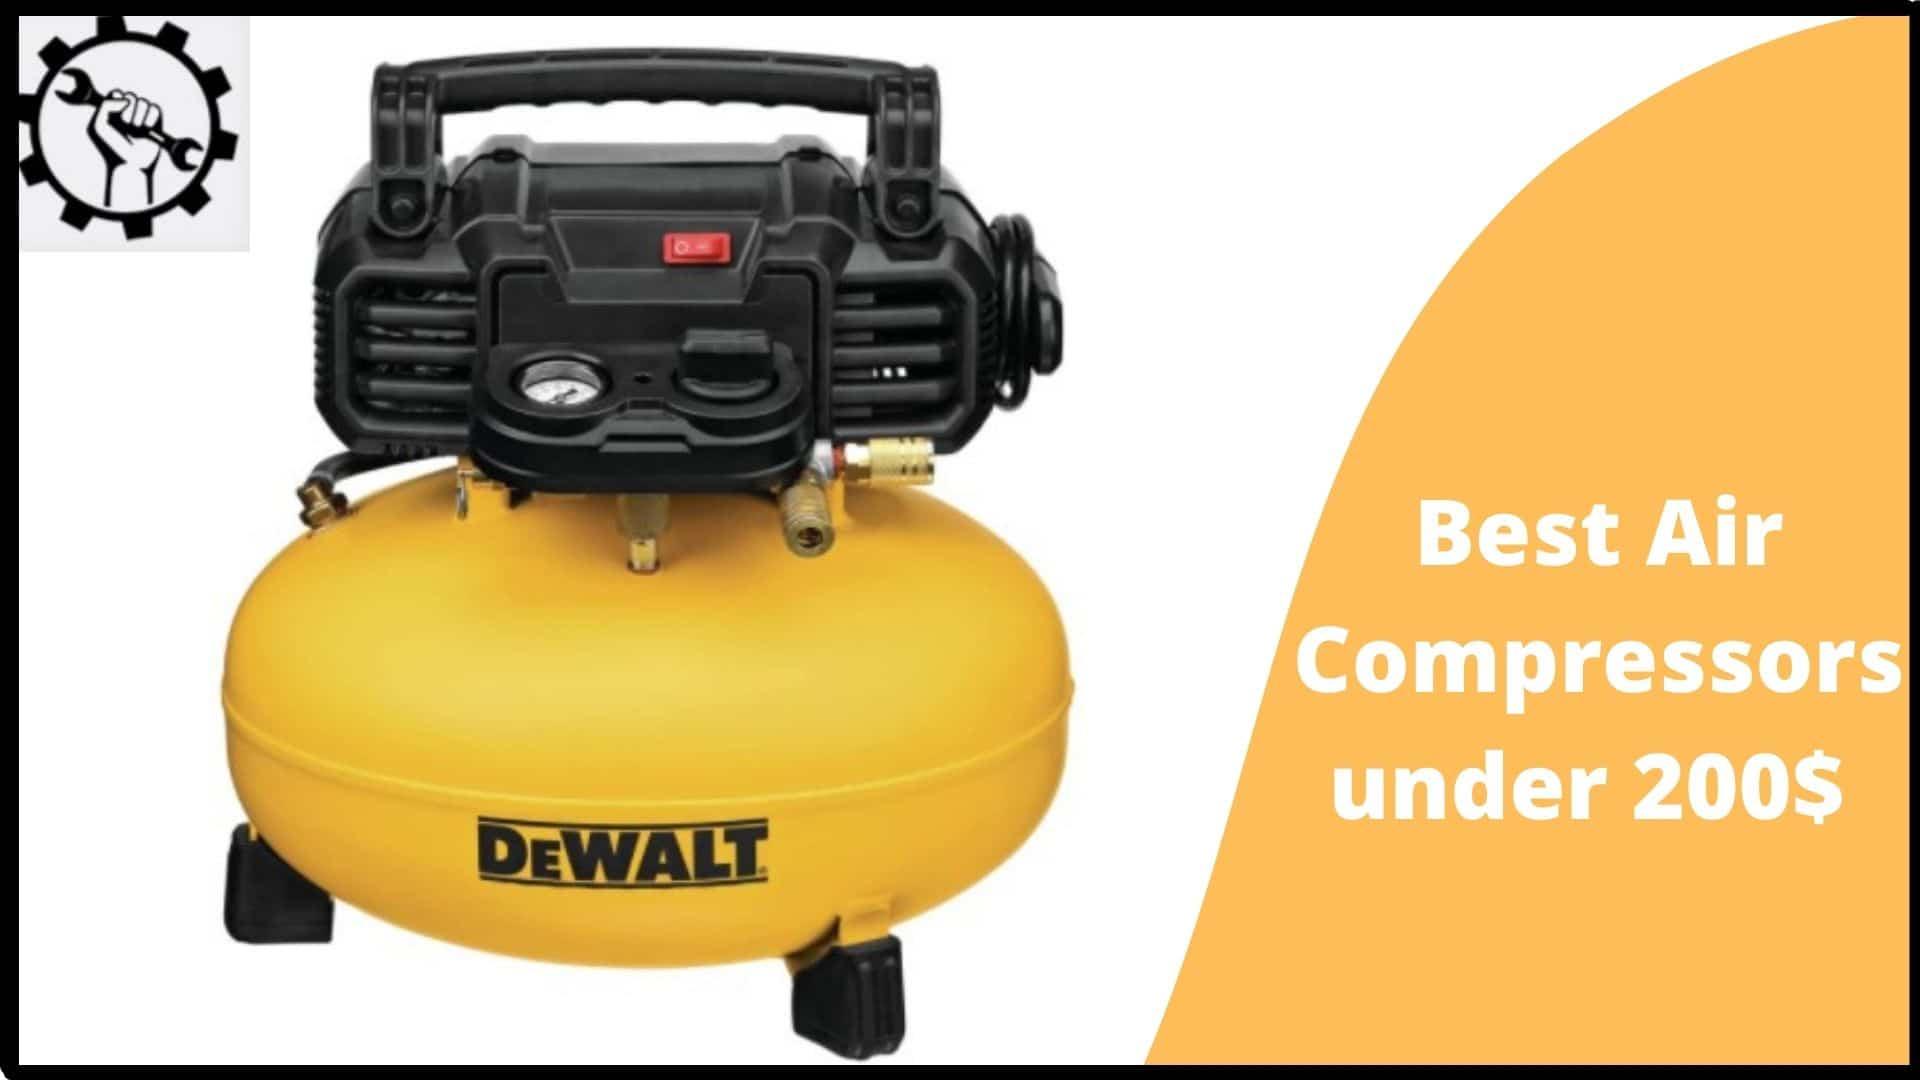 Best Air Compressors under 200$